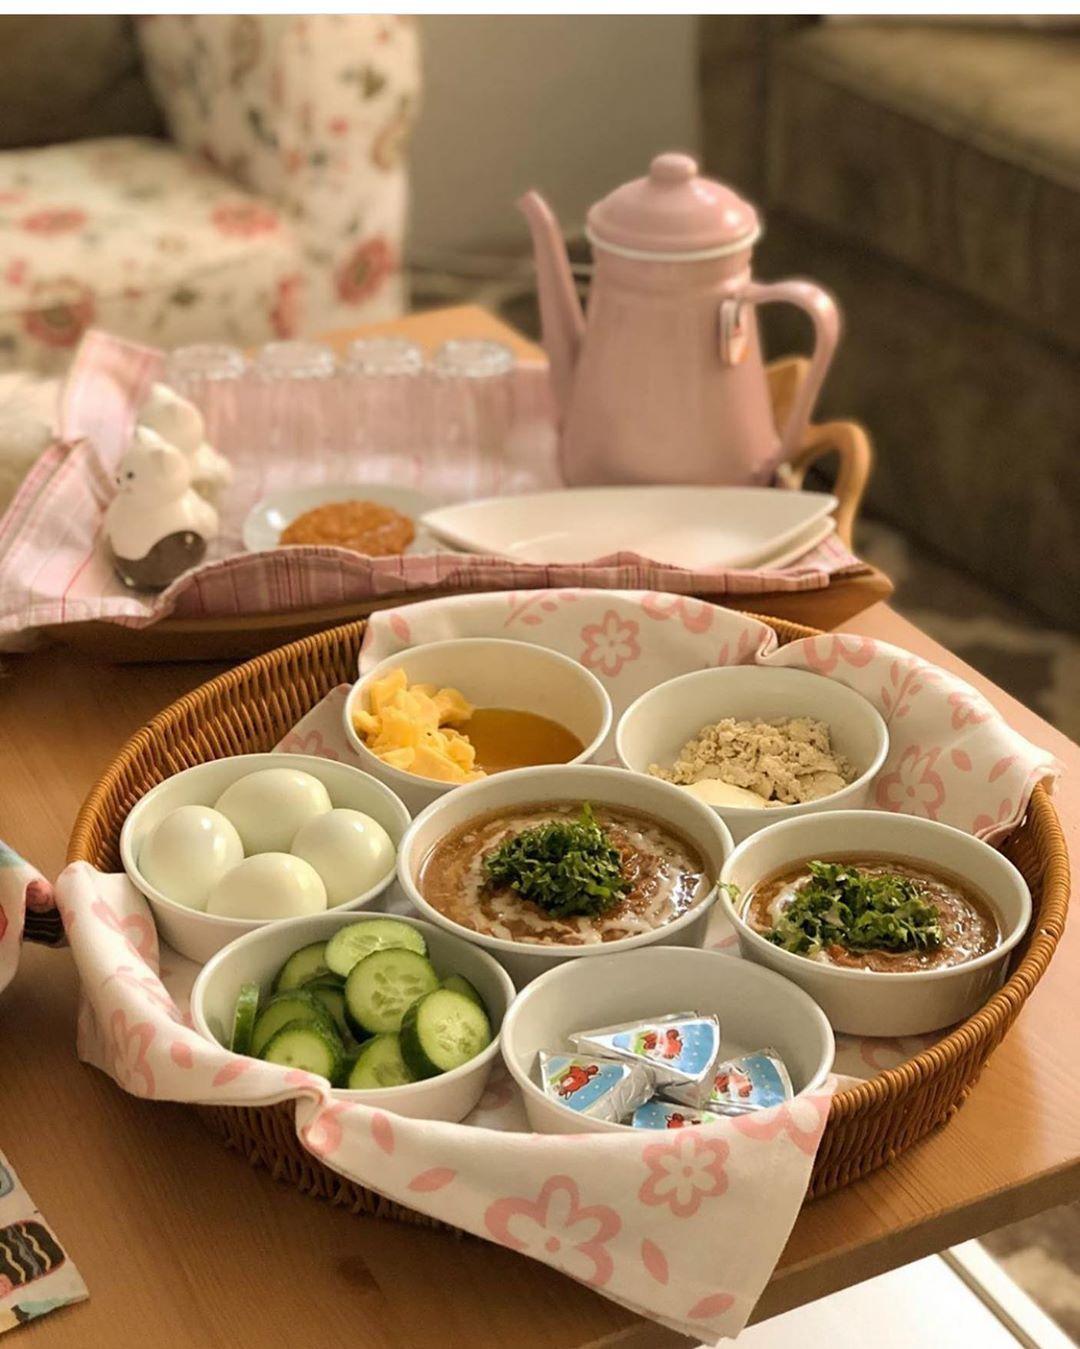 تقديماتكم وطبخاتكم On Instagram من أعظم الدعوات اللهم إني أعوذ بك من زوال نعمتك وتحول عاف Breakfast Wraps Breakfast Table Setting Aesthetic Food